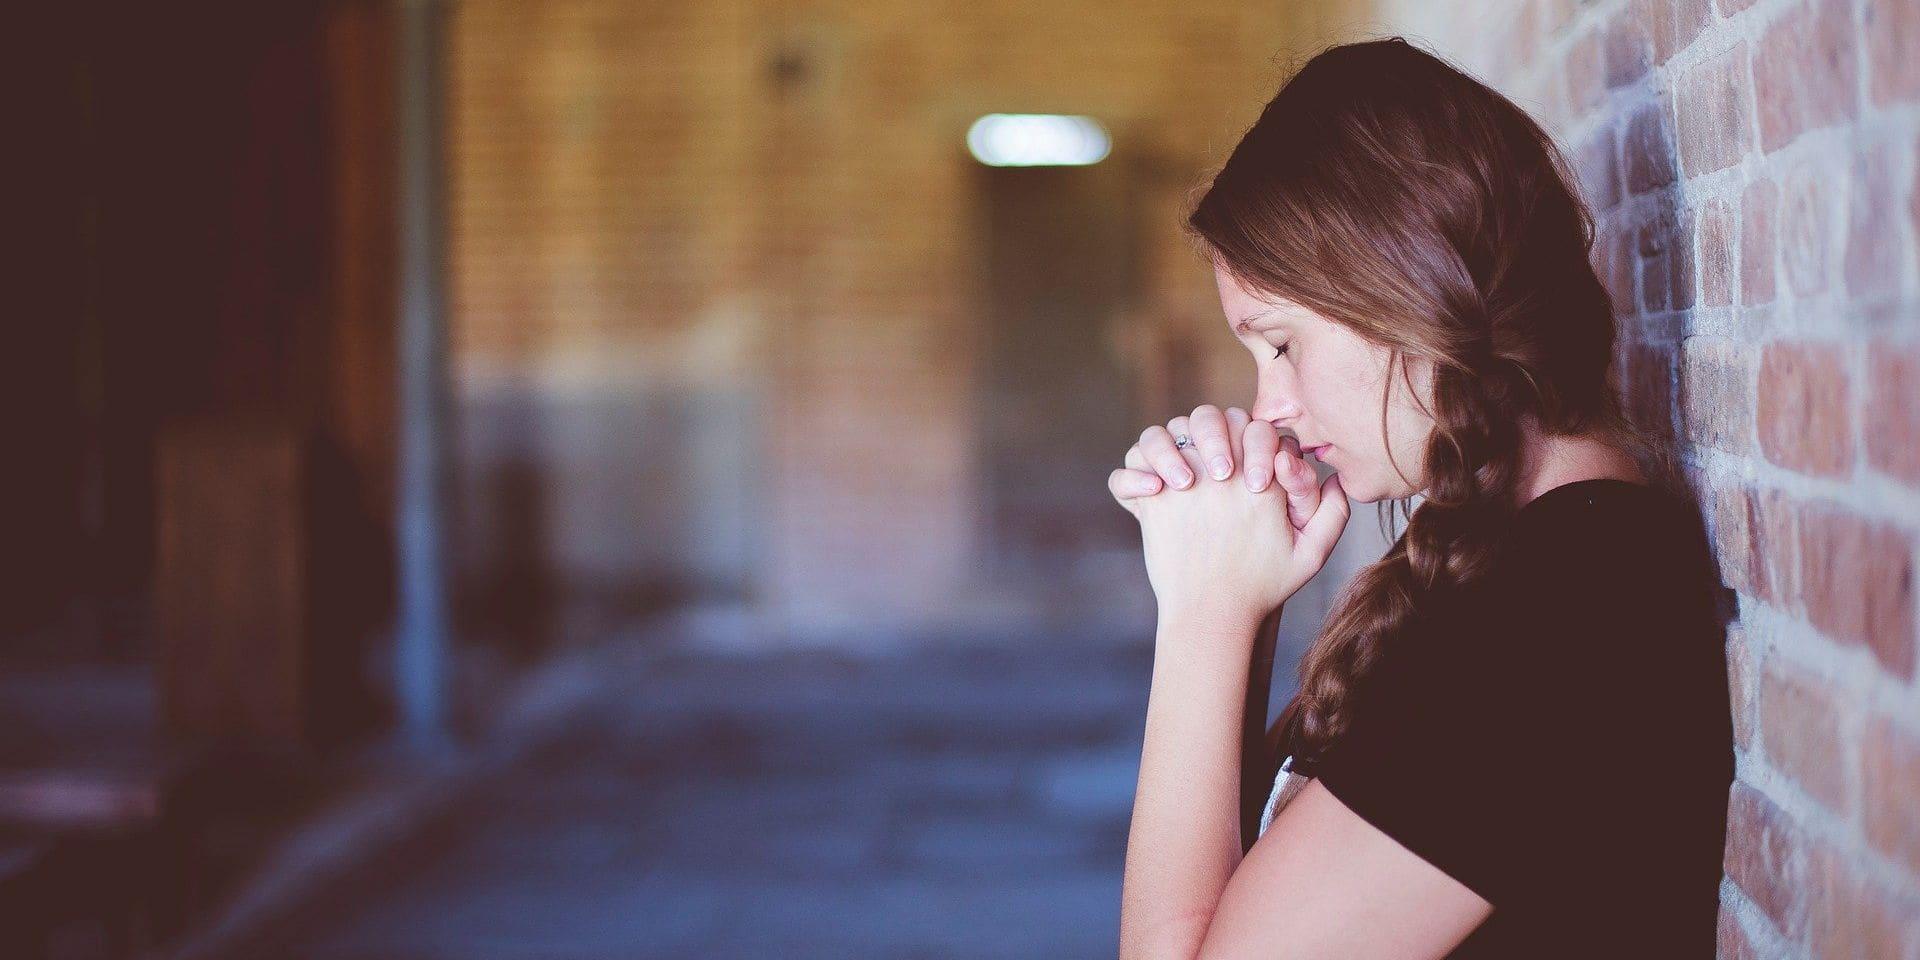 Pourquoi les catholiques prient-ils ?